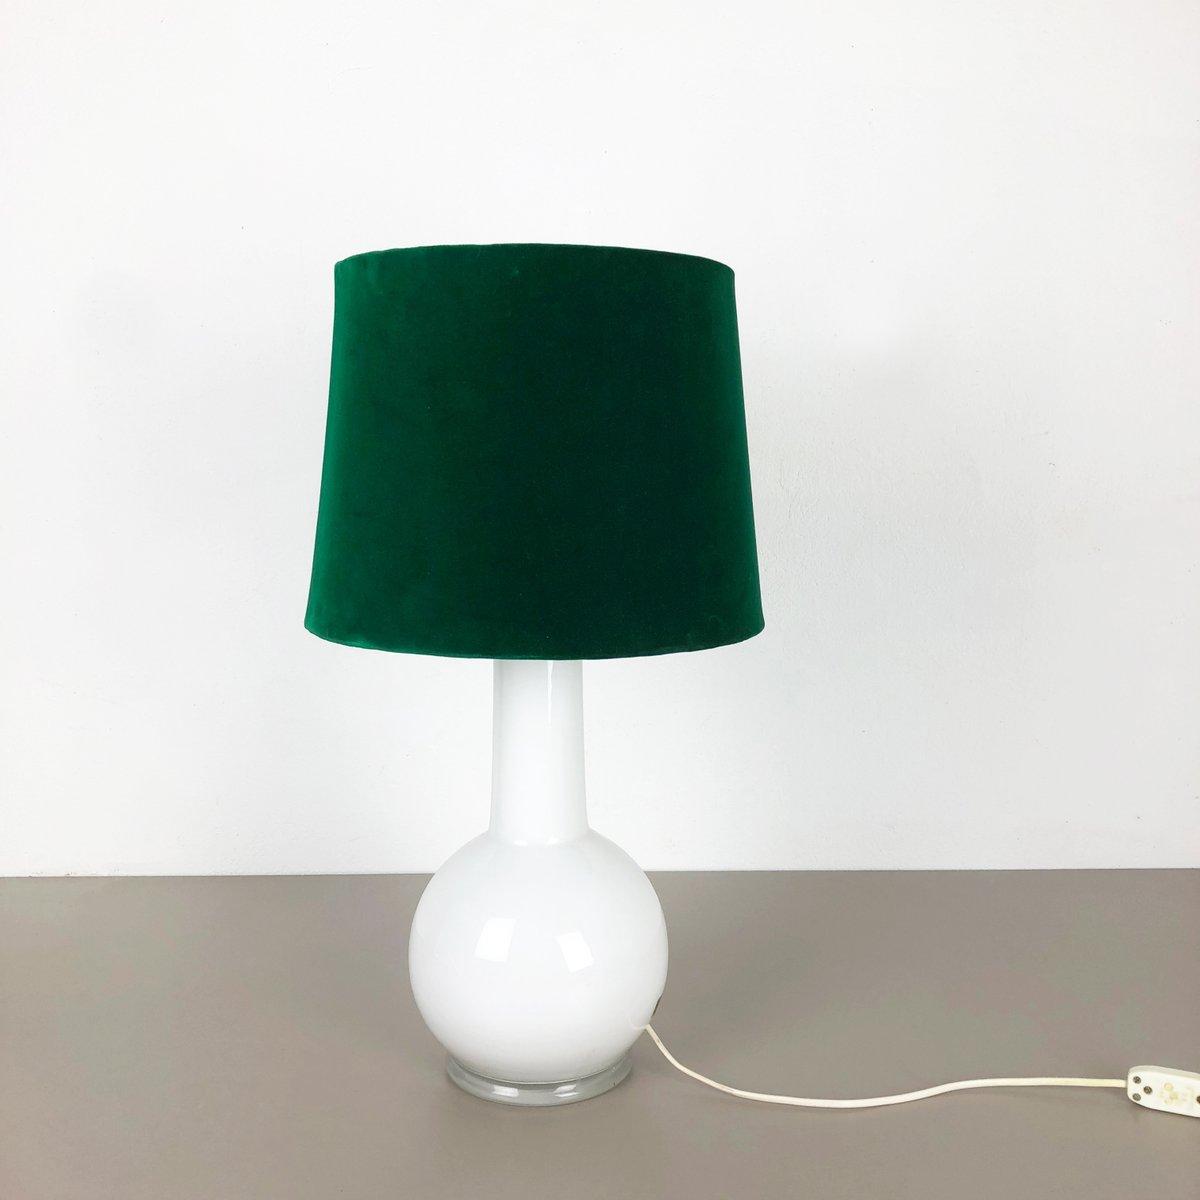 Vintage Schreibtischlampe von Uno & Östen Kristiansson für Luxus, 1970...